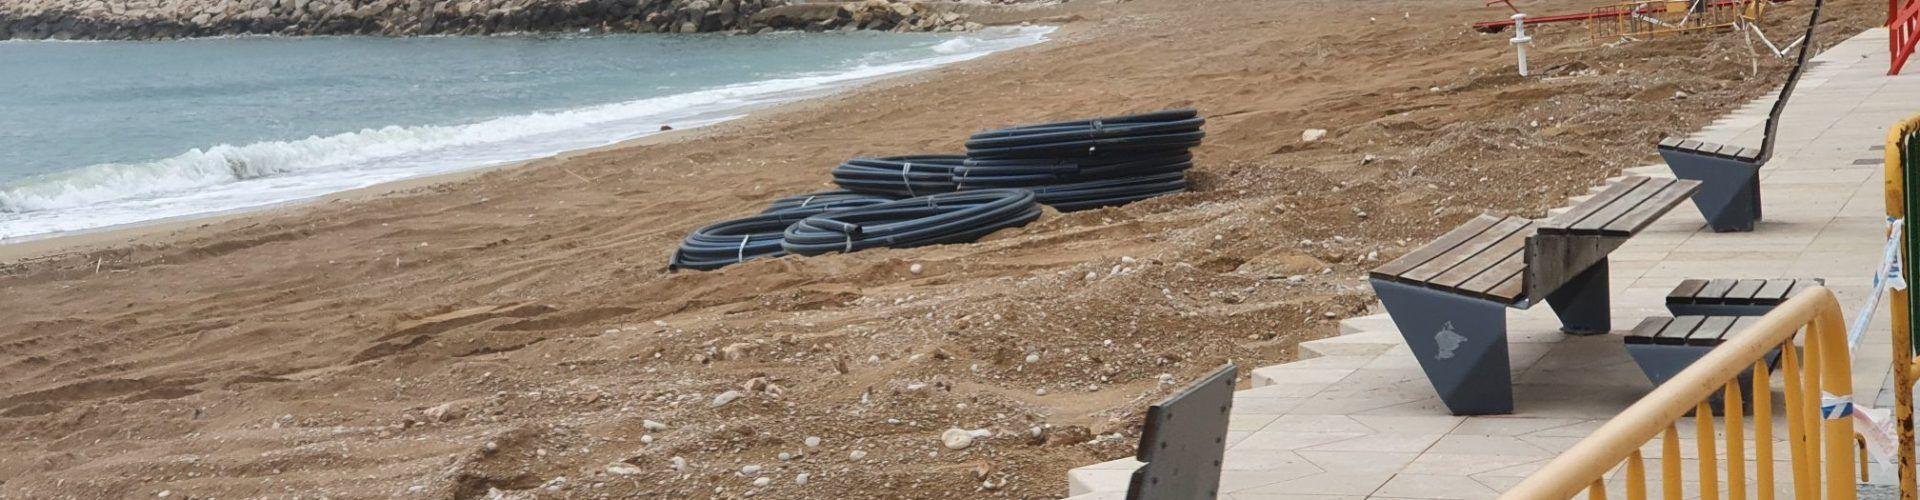 Turisme Comunitat Valenciana adequa les platges de Vinaròs